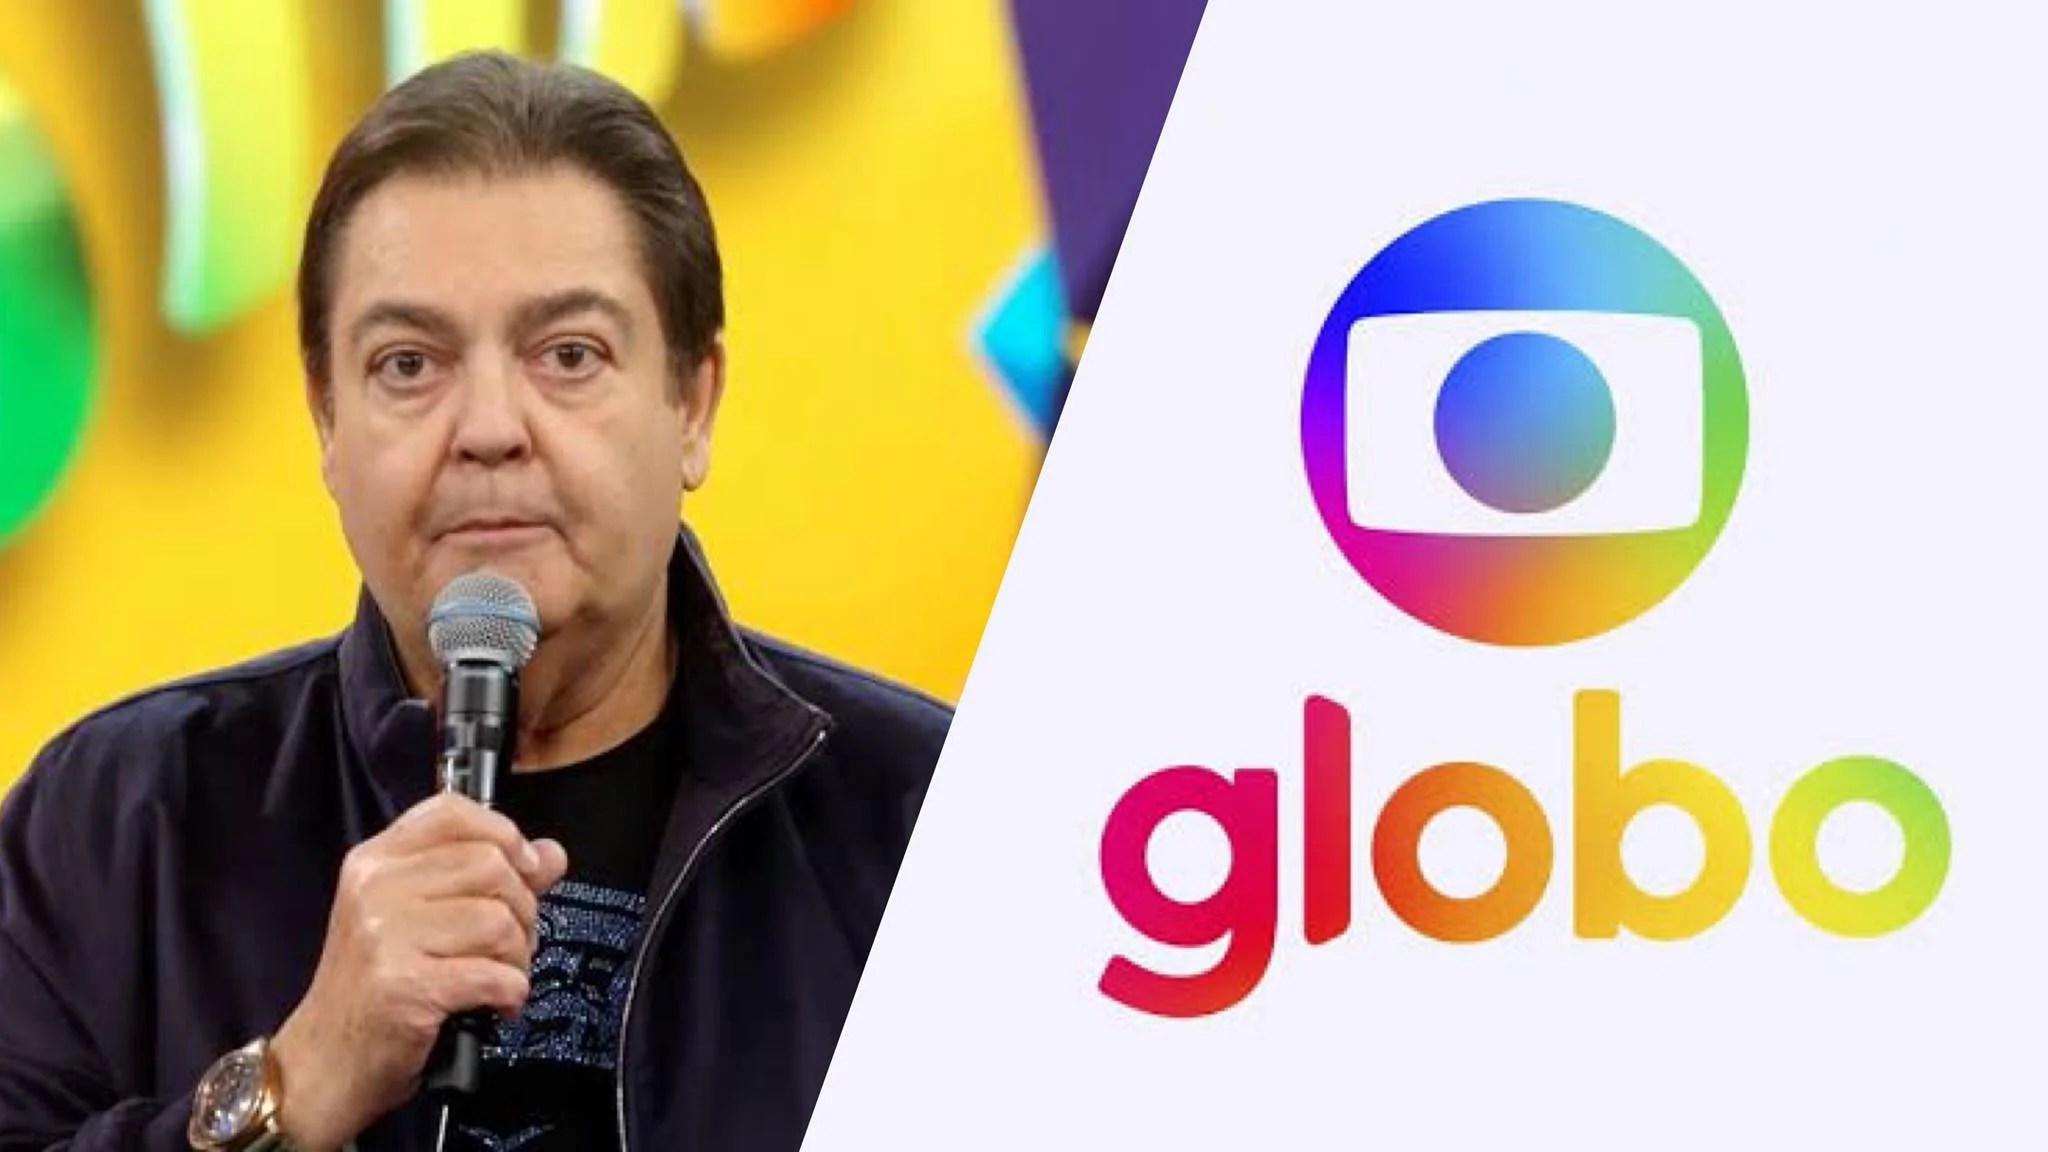 Faustão estreou na Globo em 1989 e deixa a emissora no final de 2021 (montagem: Fashion Bubbles)